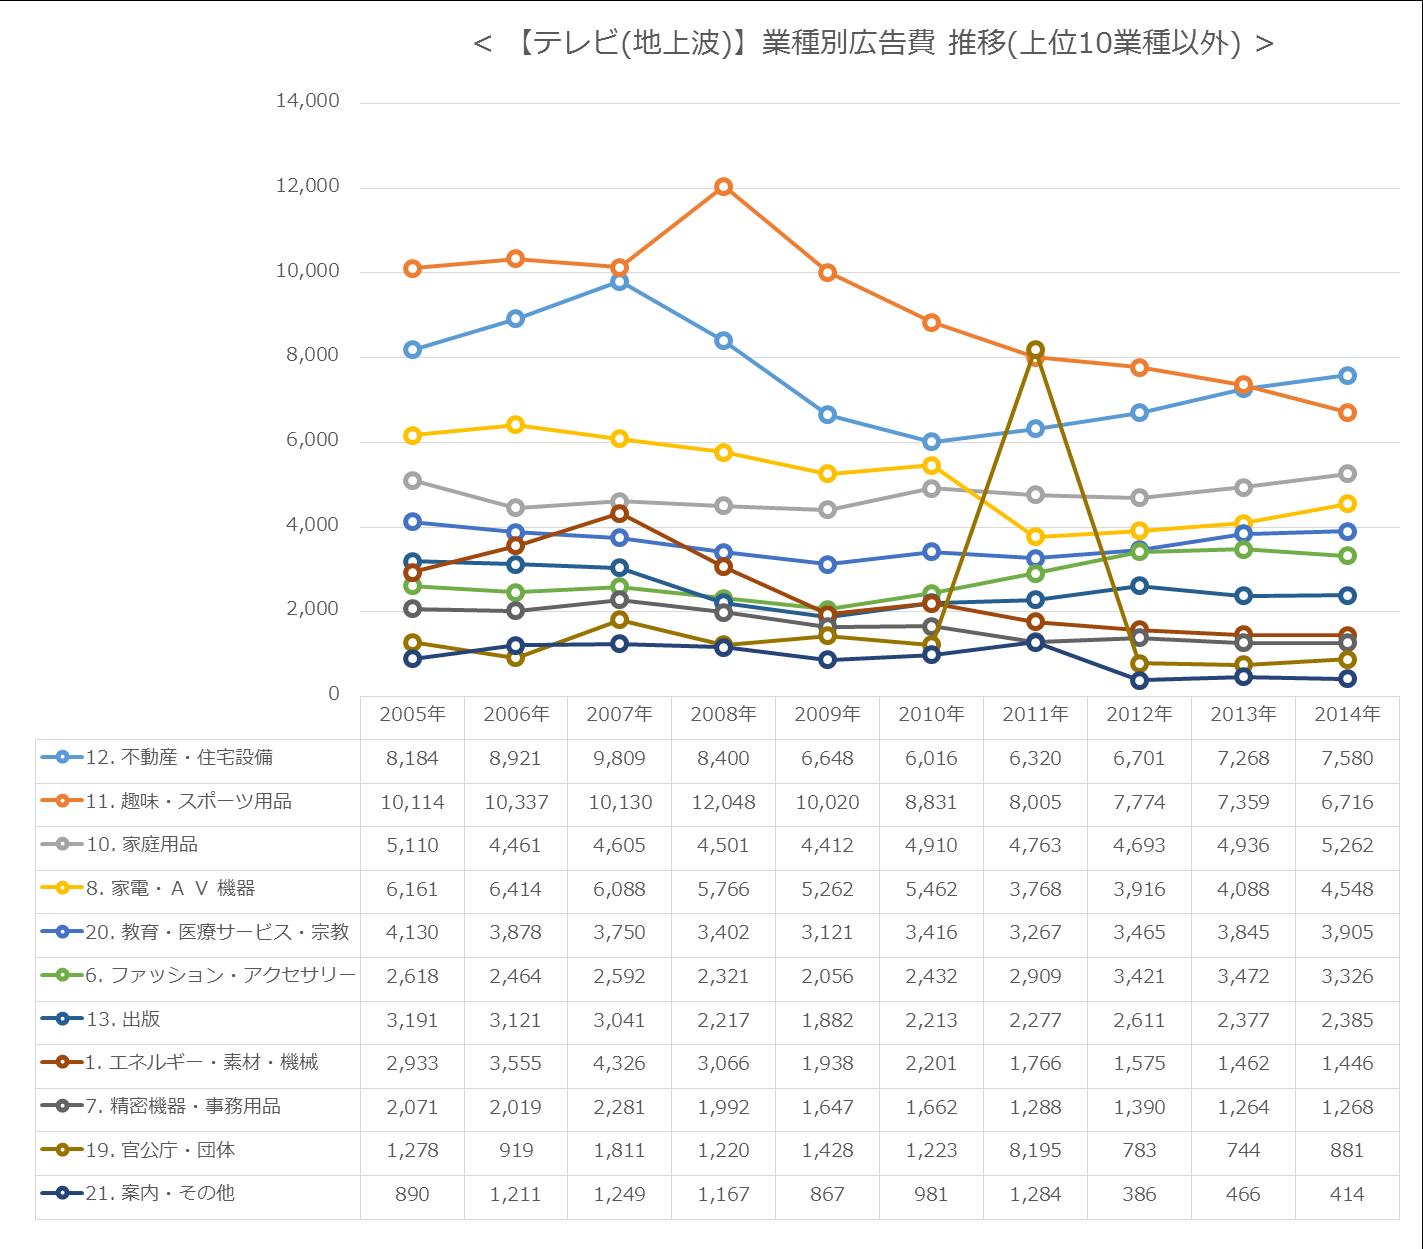 【テレビ(地上波)】業種別広告費 推移(上位10業種以外)